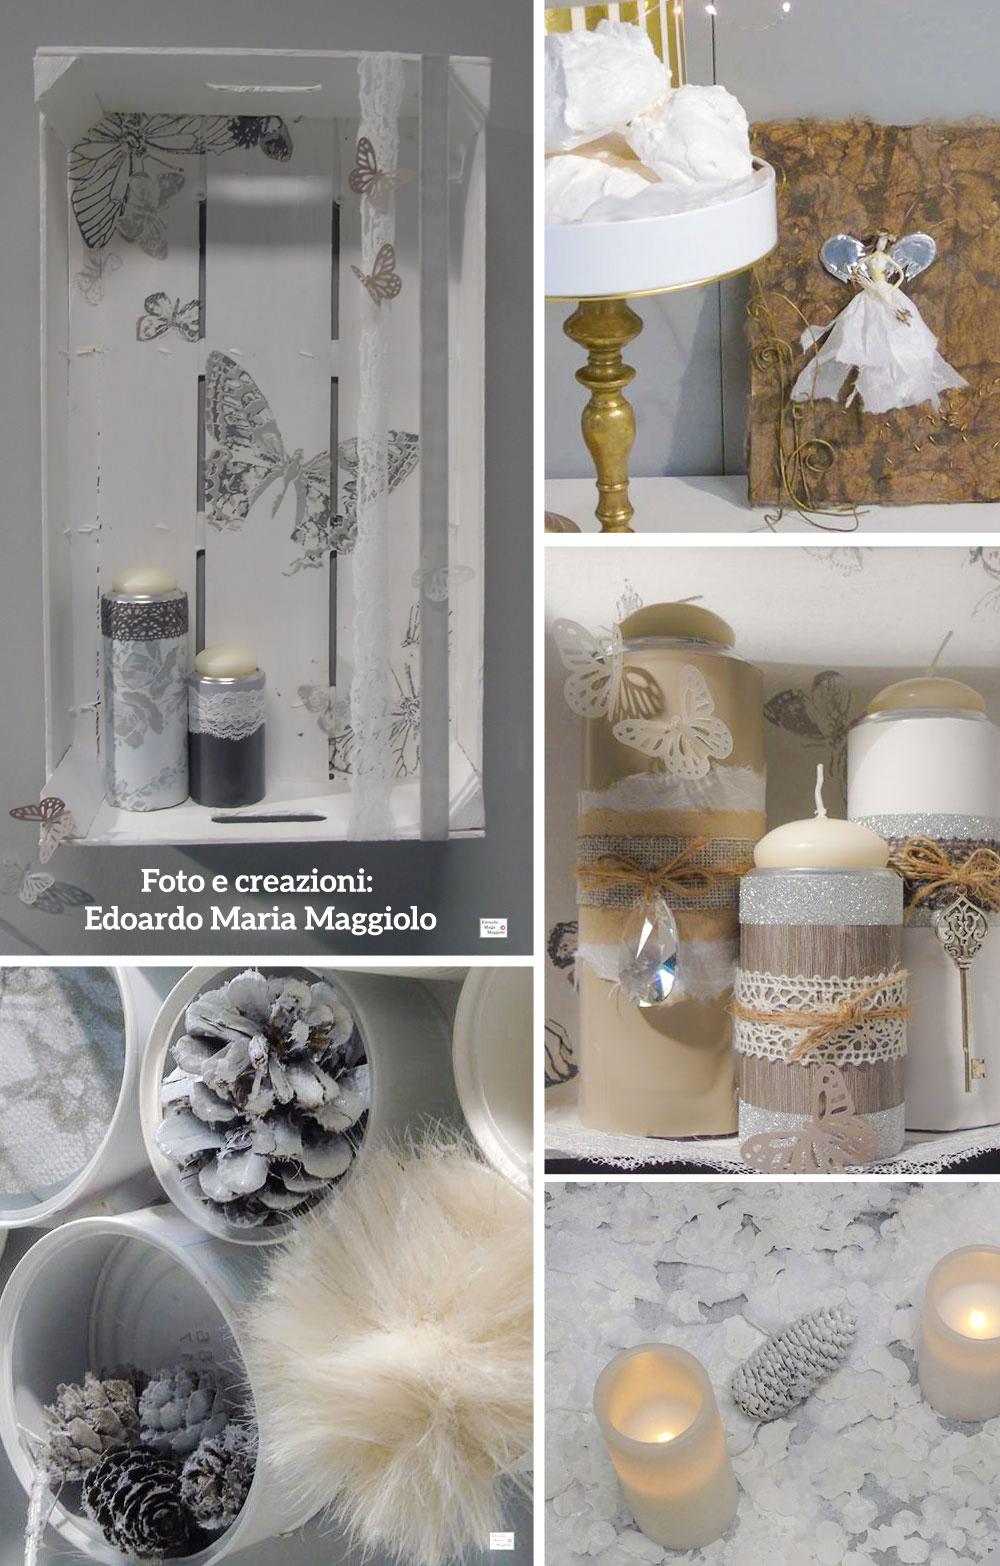 decorazioni-invernali-edoardo-maria-maggiolo